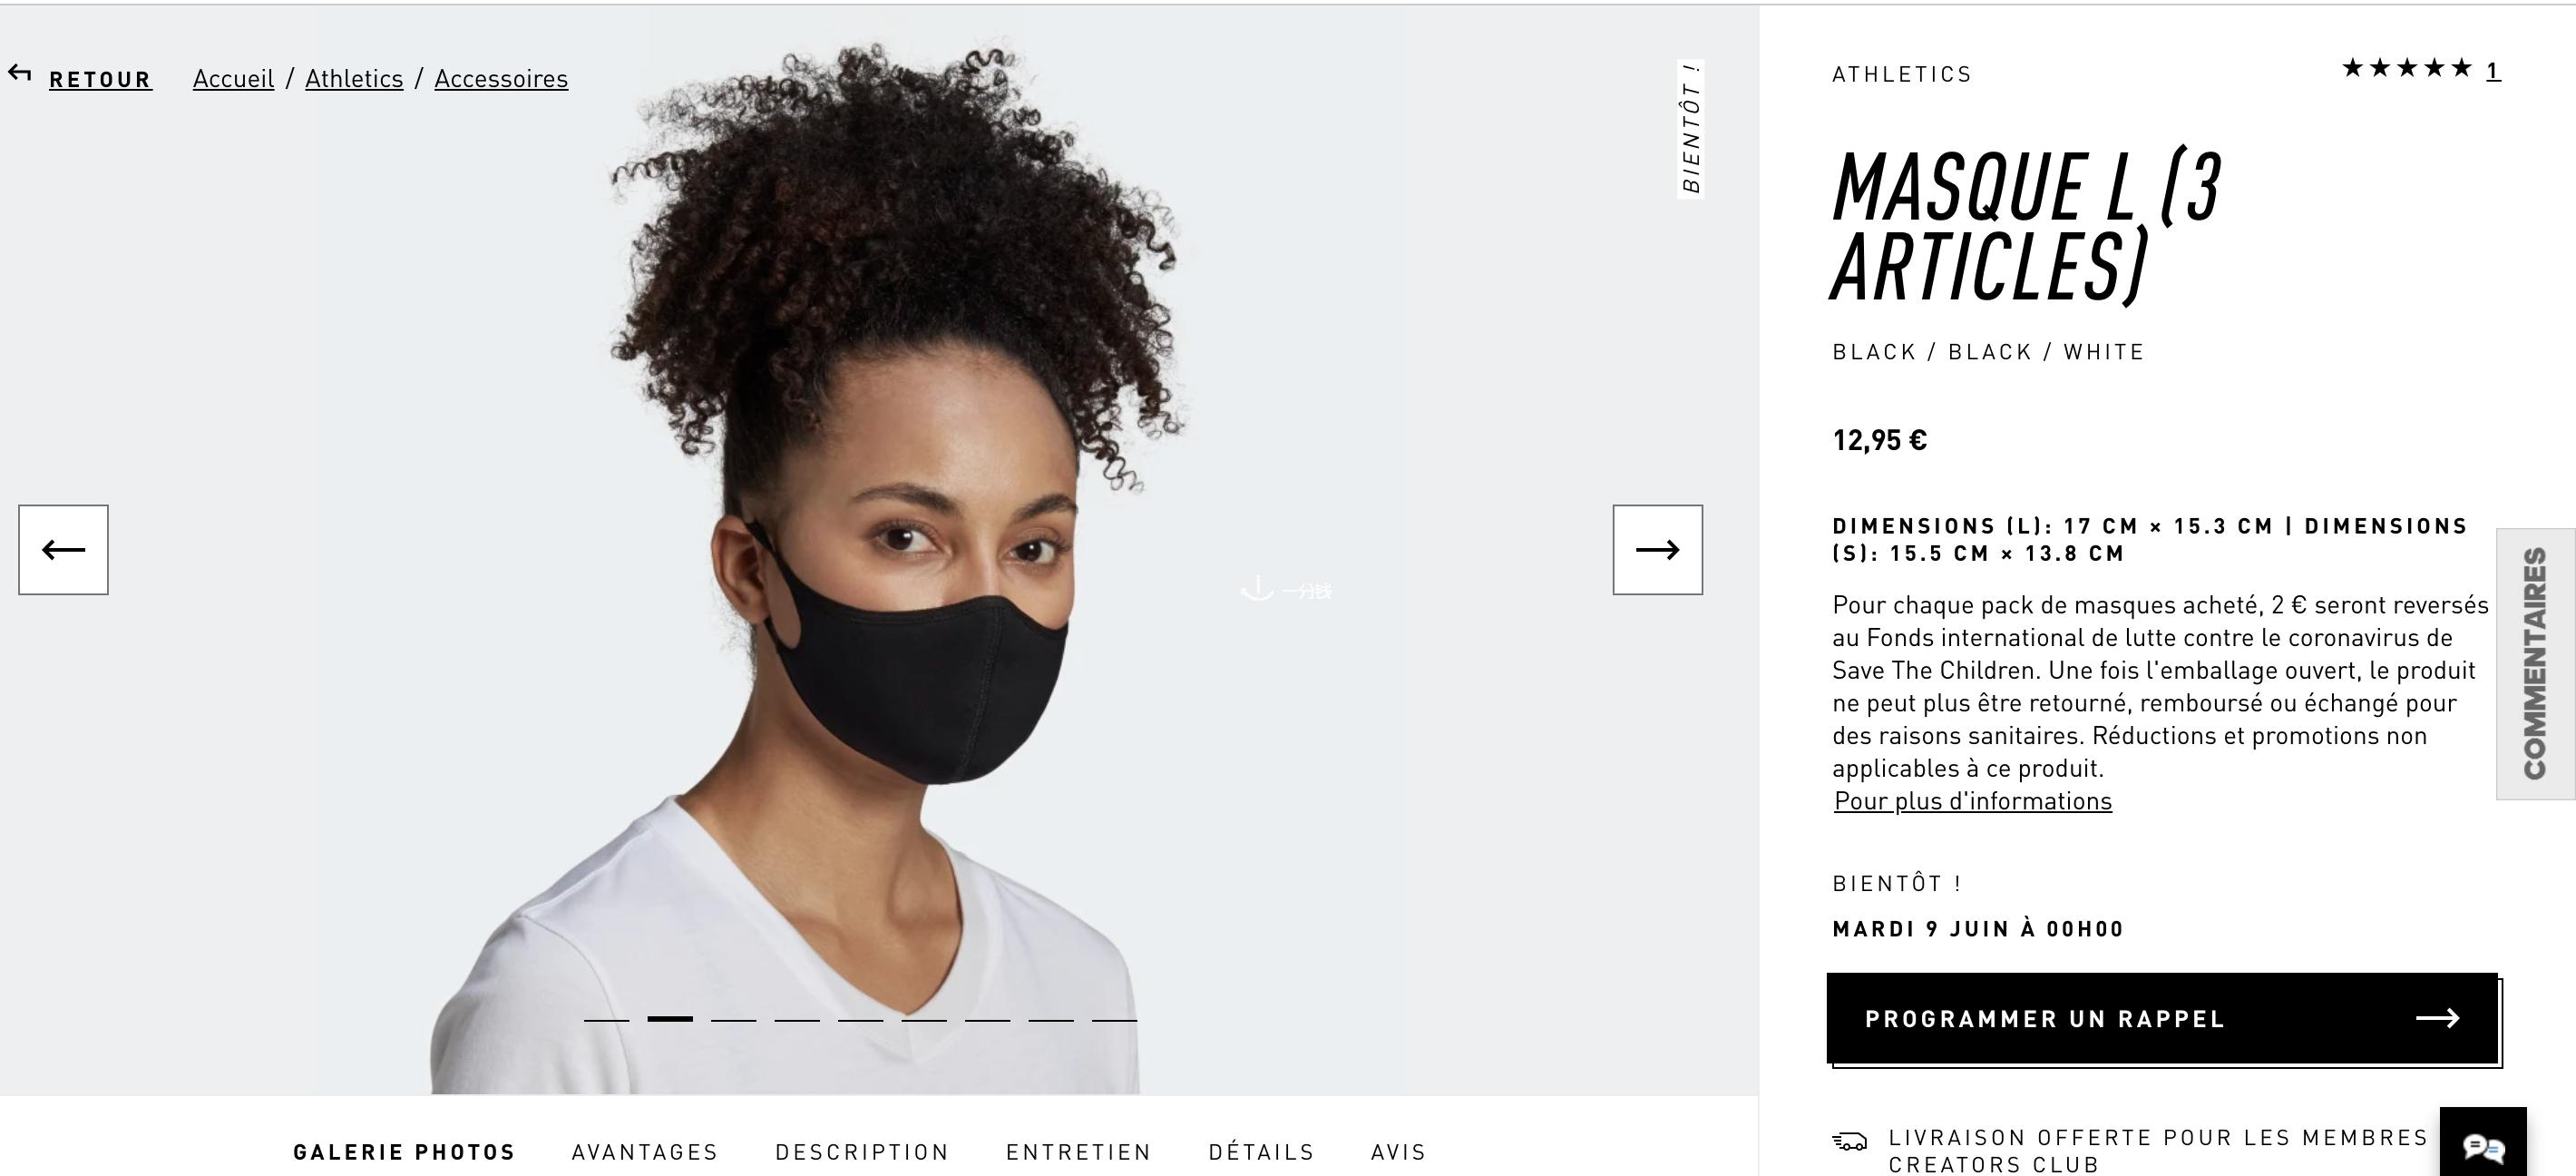 ash鞋码_下周二零点发售Adidas 全黑口罩!12.95欧内含3枚柔软透气的口罩 ...